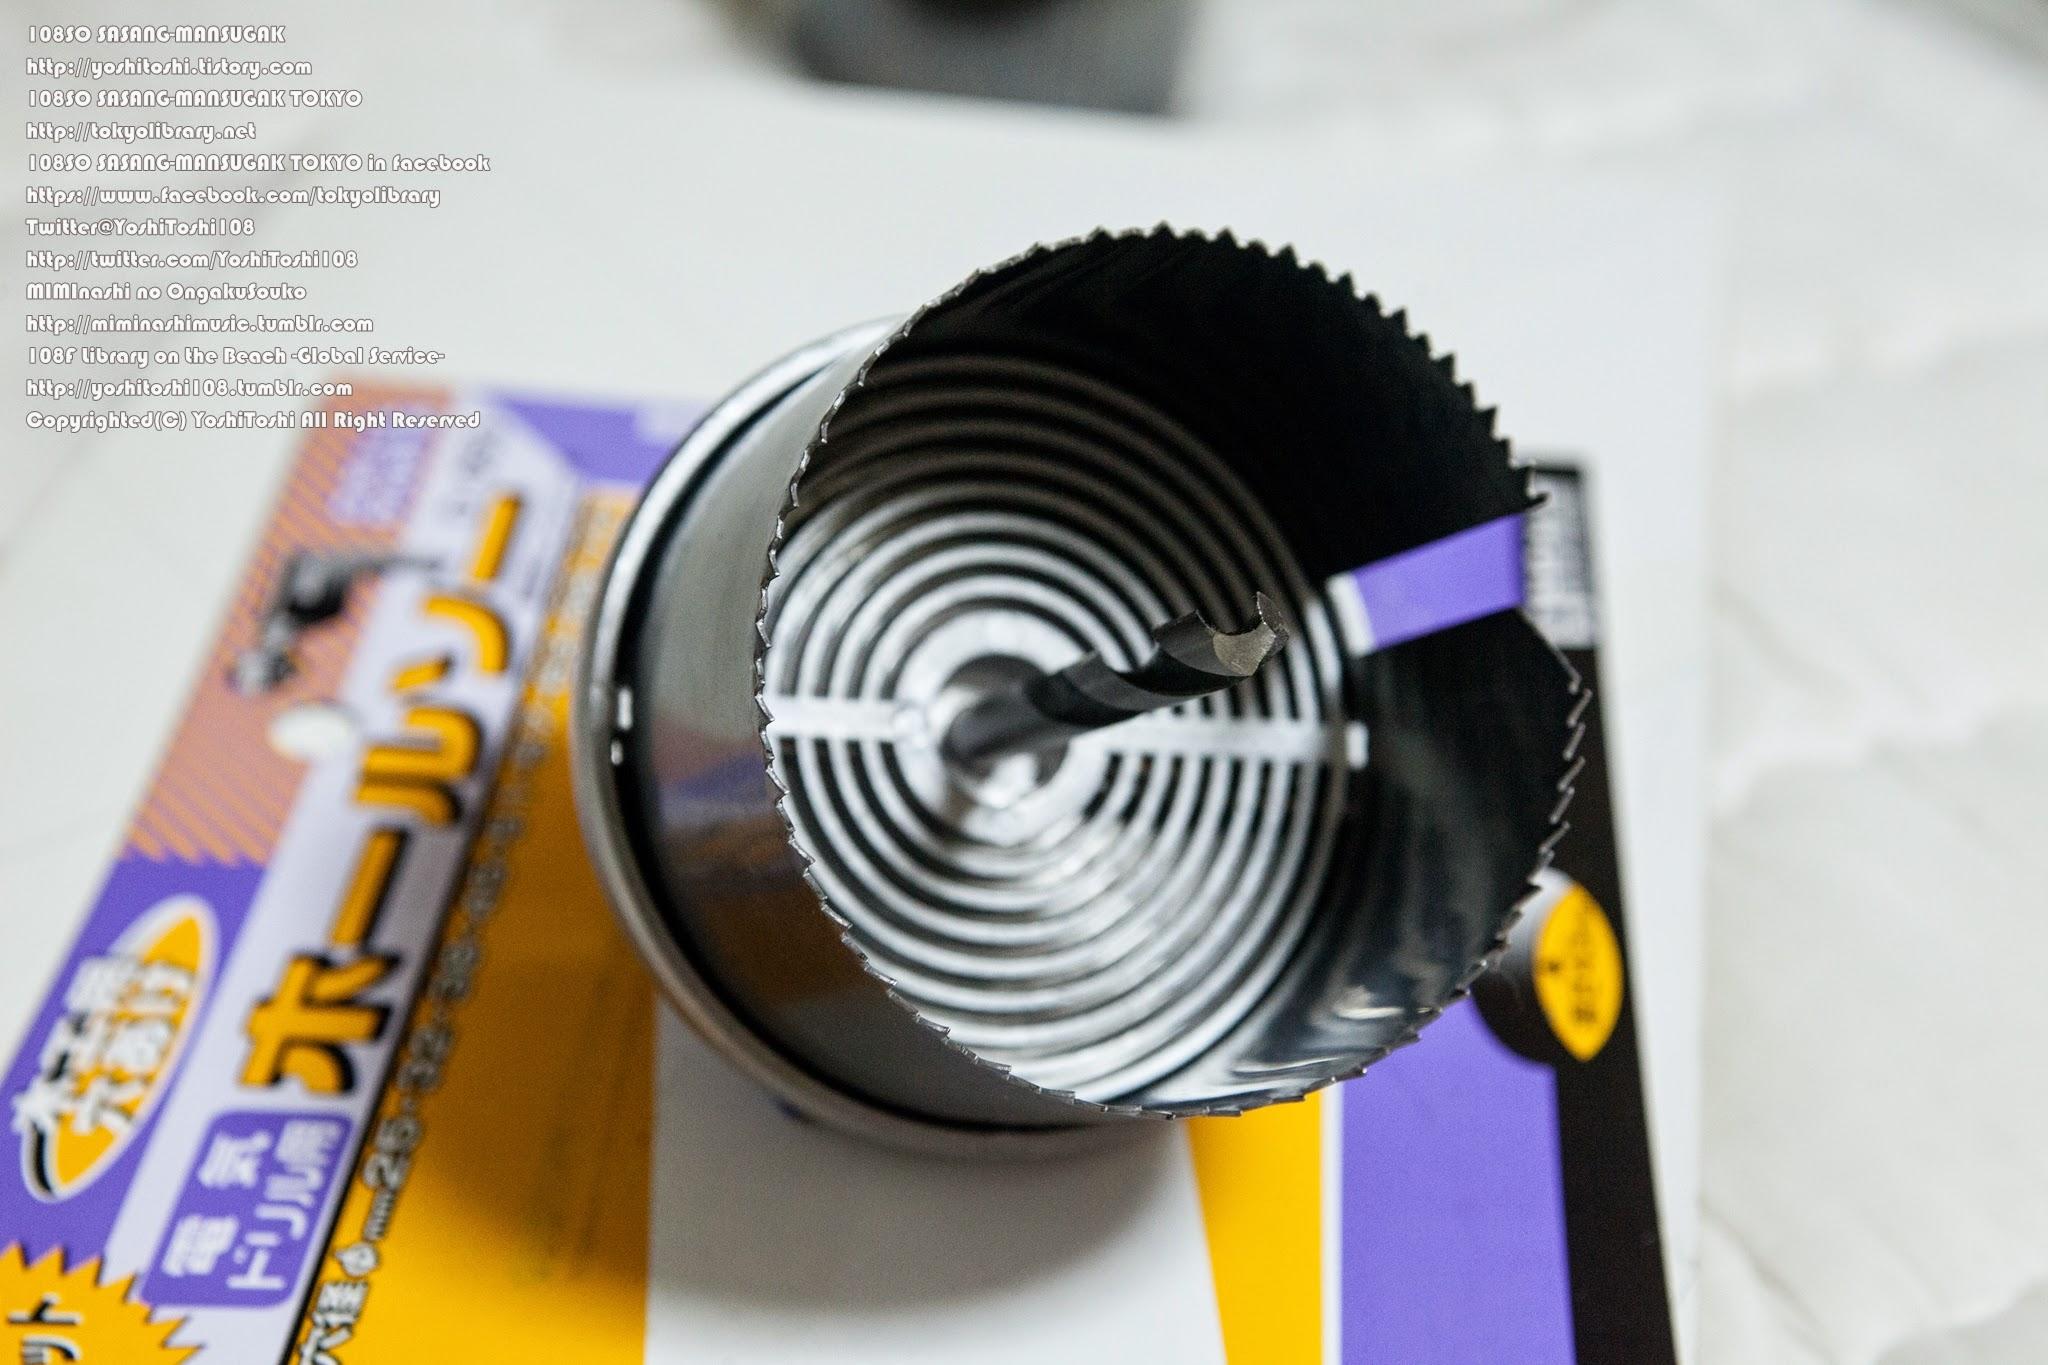 リサイクル, DIY, 自作スピーカー, 棚